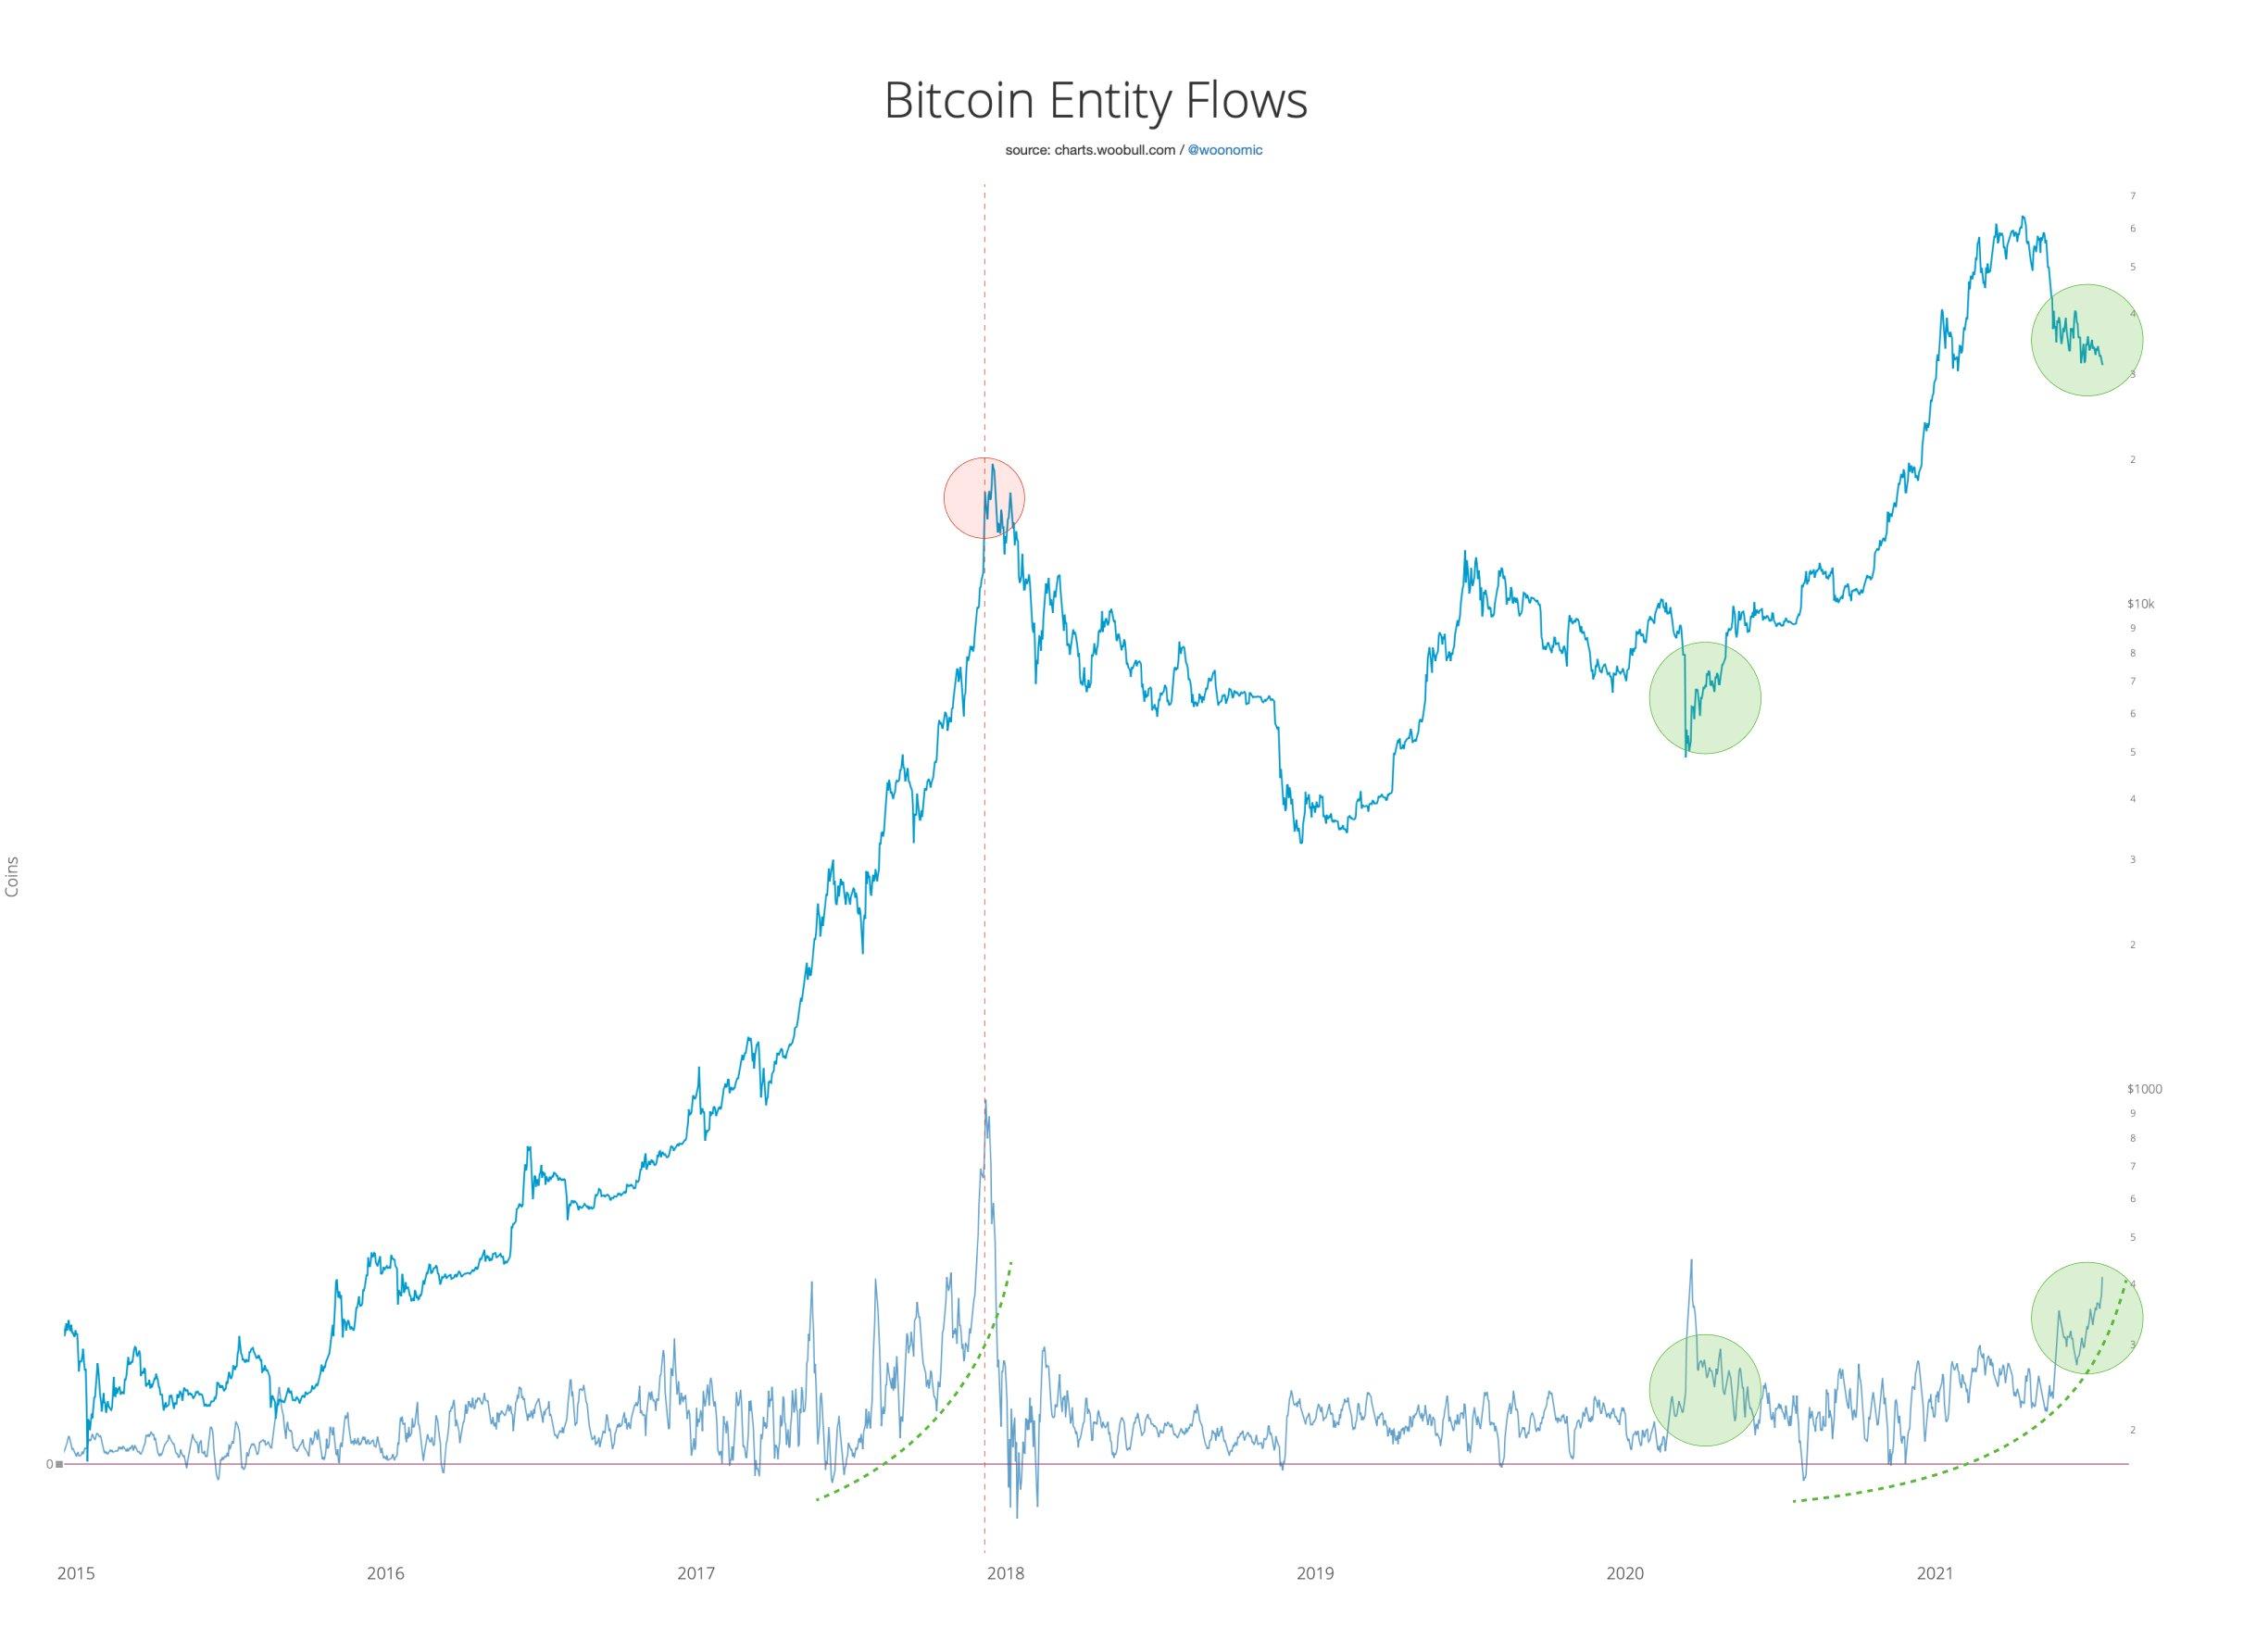 FXMAG kryptowaluty analiza on-chain: wieloryby i płotki kupują na trwających spadkach rynki,analiza on-chain,bitcoin (btc),wieloryby,will clemente,willy woo,wiadomości,informacje 2